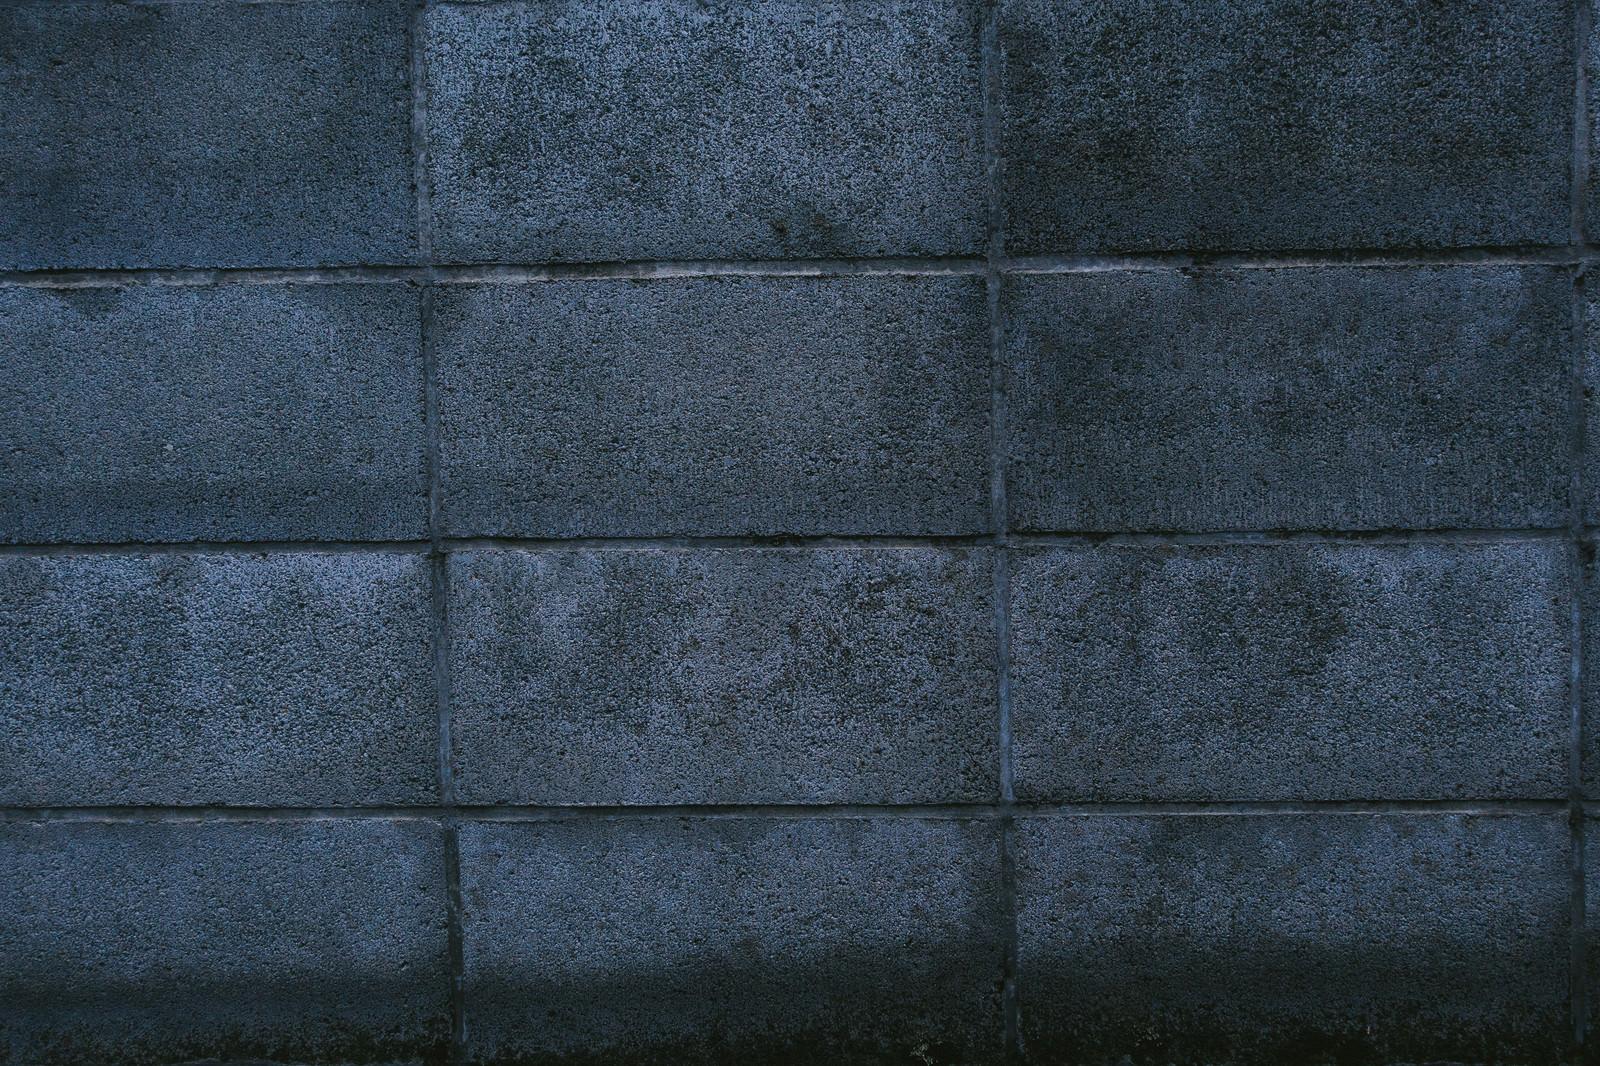 「古い建物のブロック塀」の写真